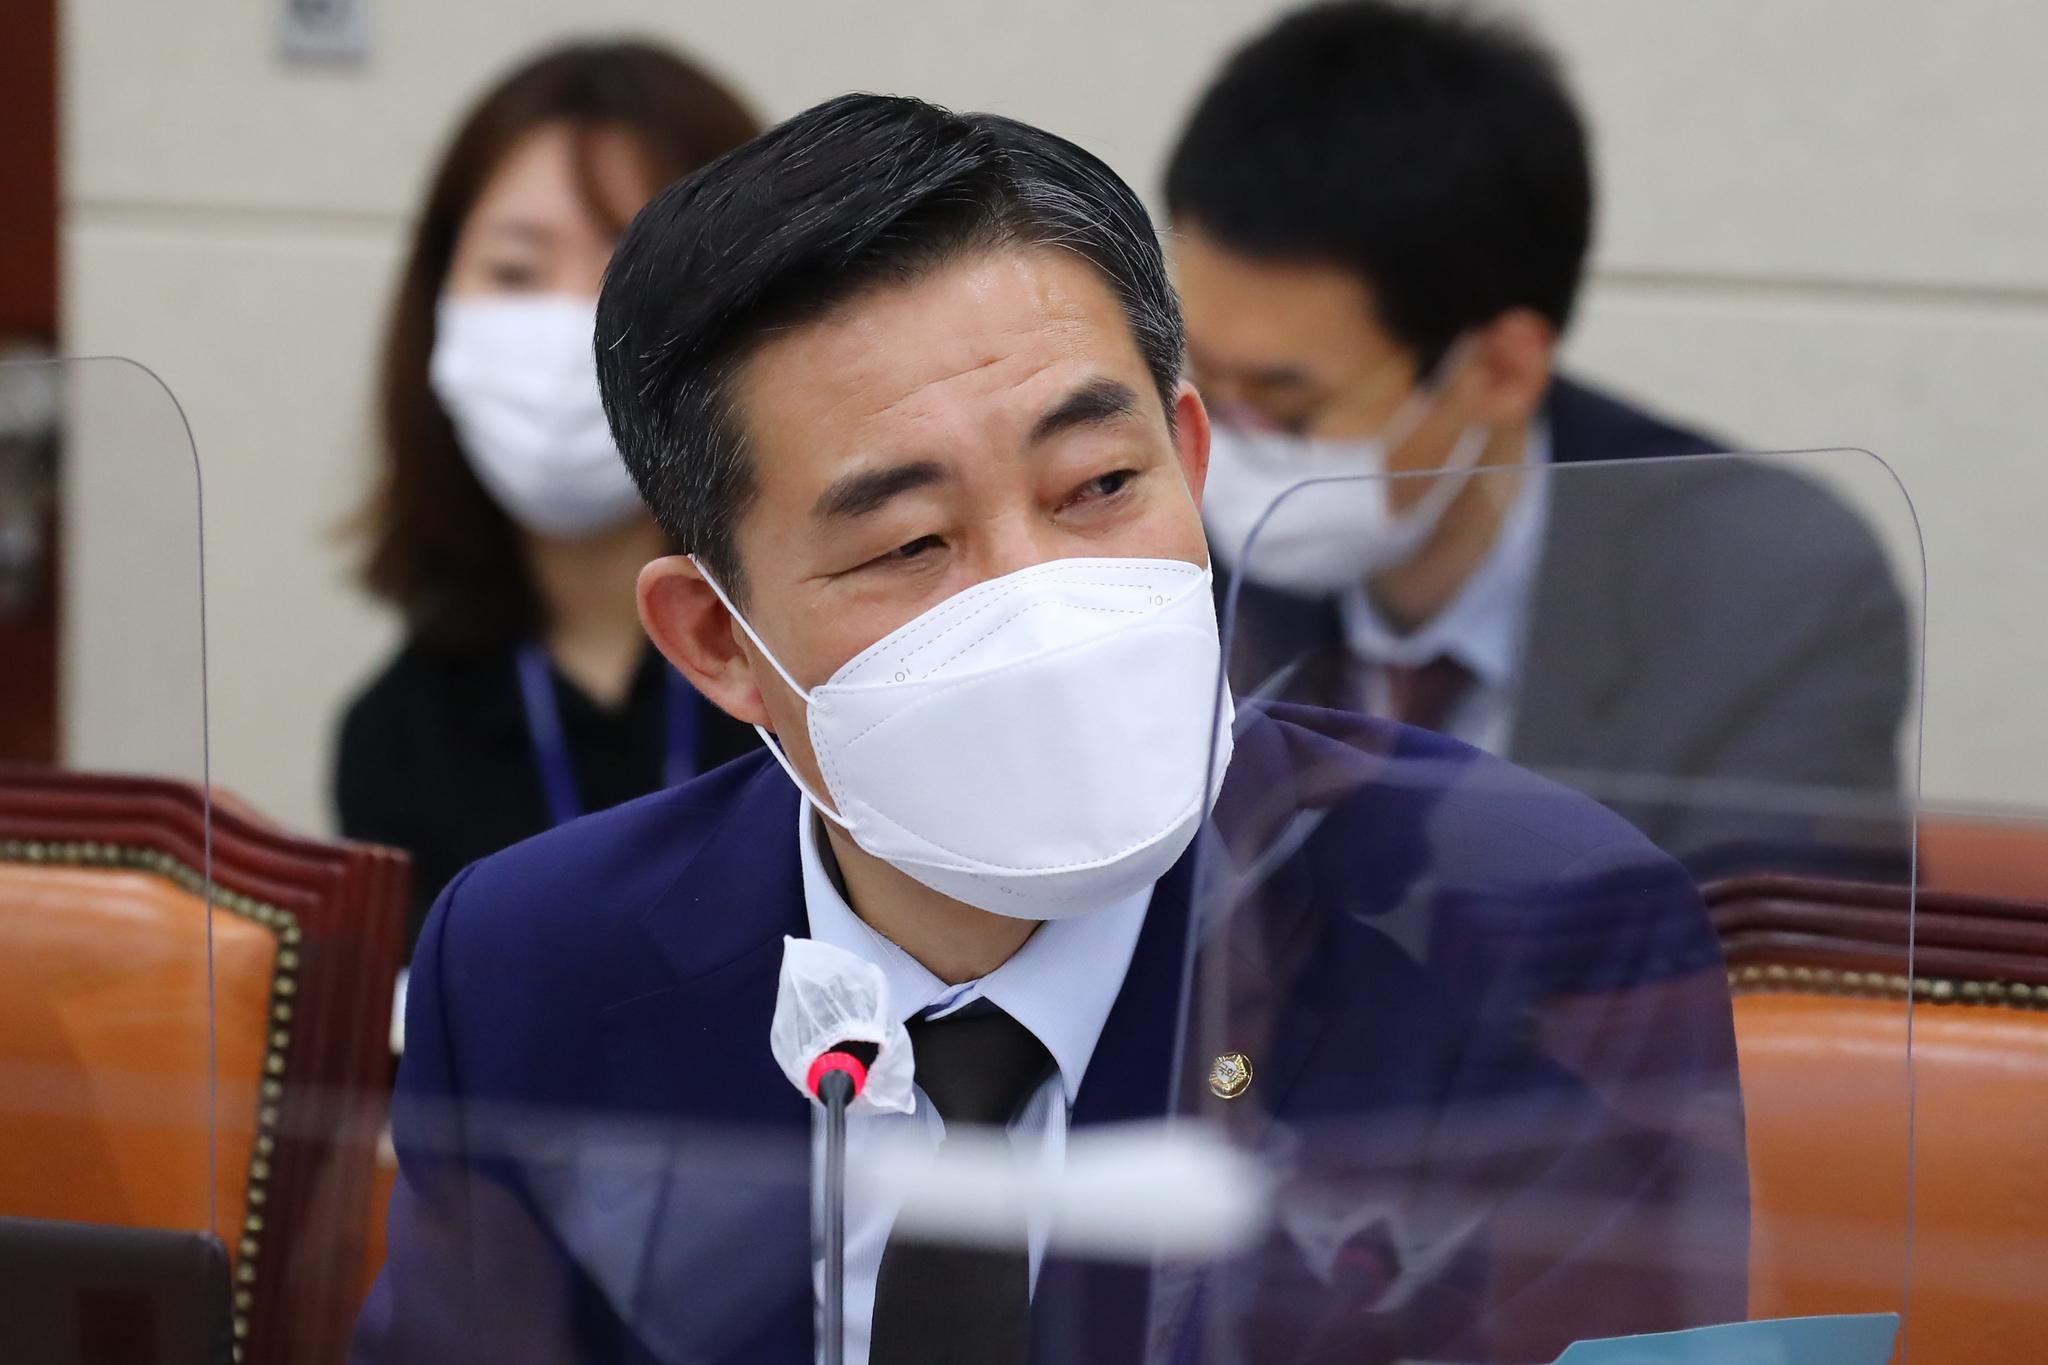 신원식 국민의힘 의원. 연합뉴스